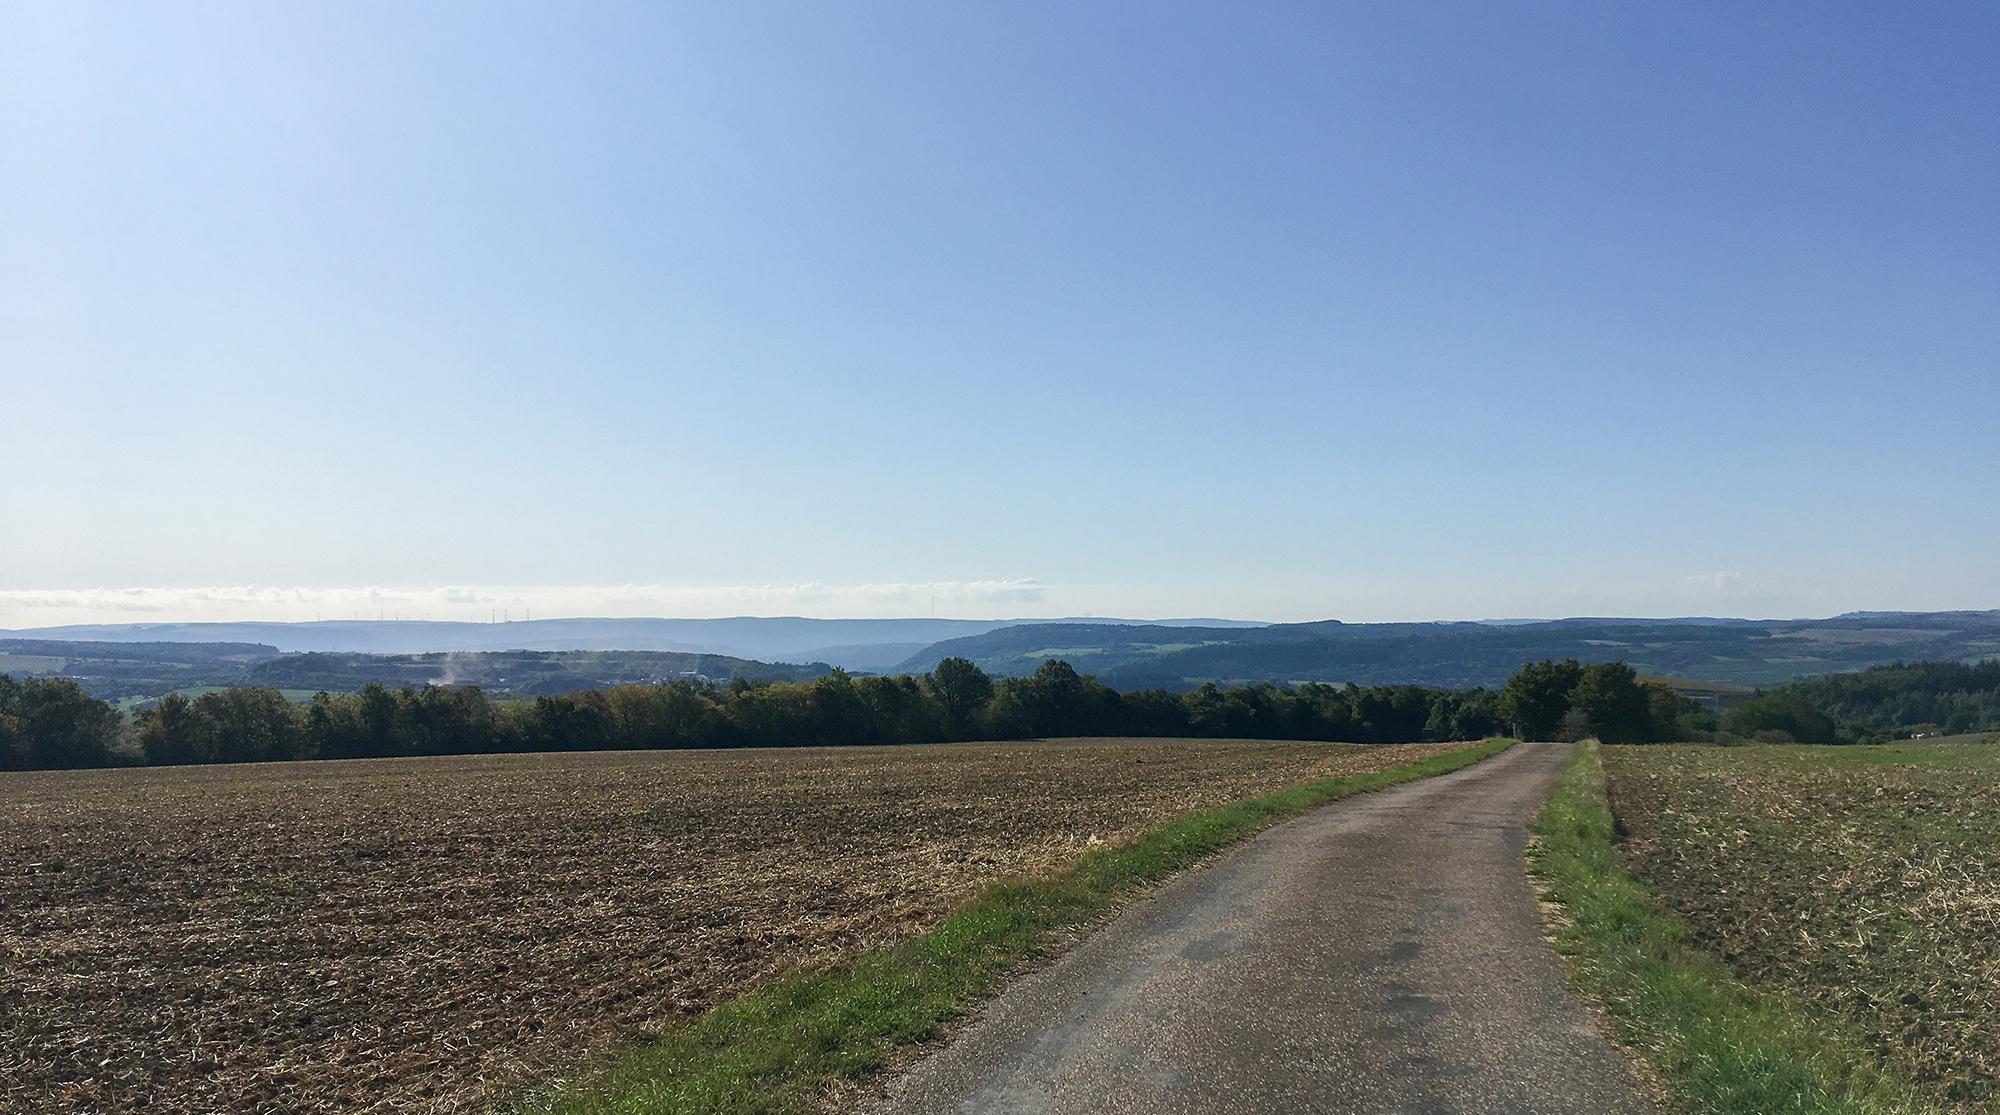 Hochebene mit Ackerfläche und weitem Blick über das Sauertal bei Moersdorf